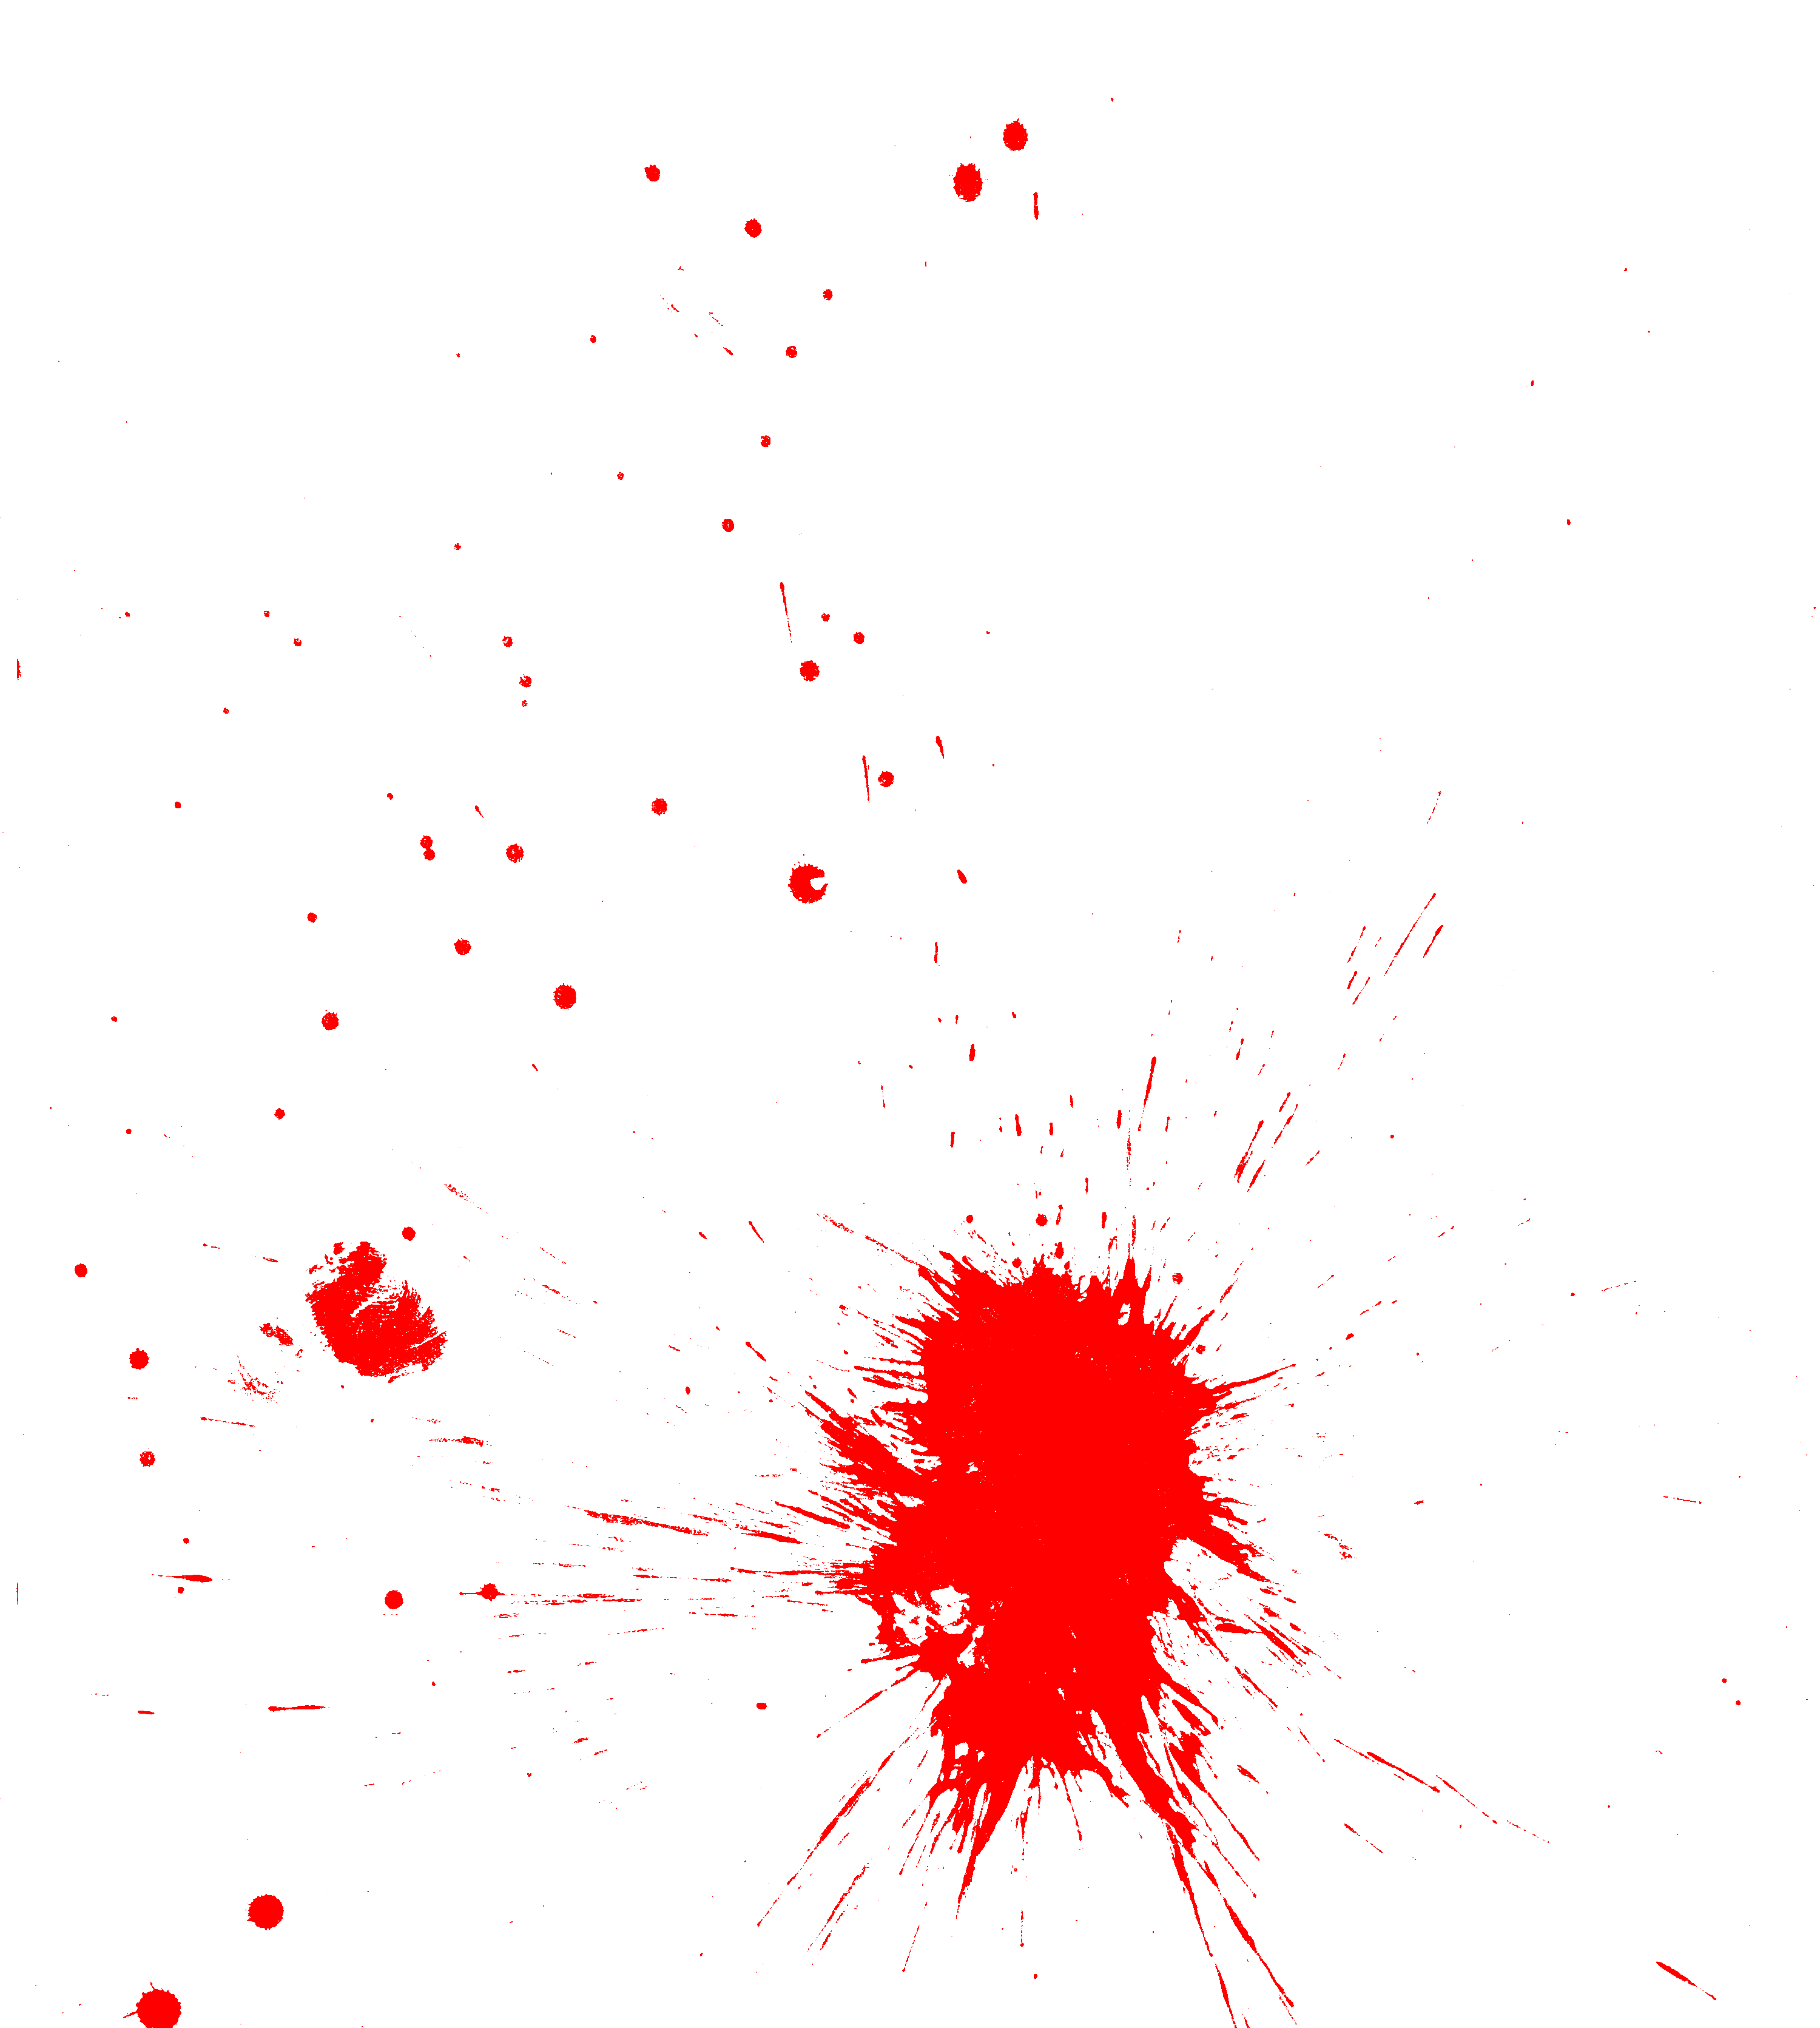 15 Blood Splatter Textures (JPG) | OnlyGFX.com